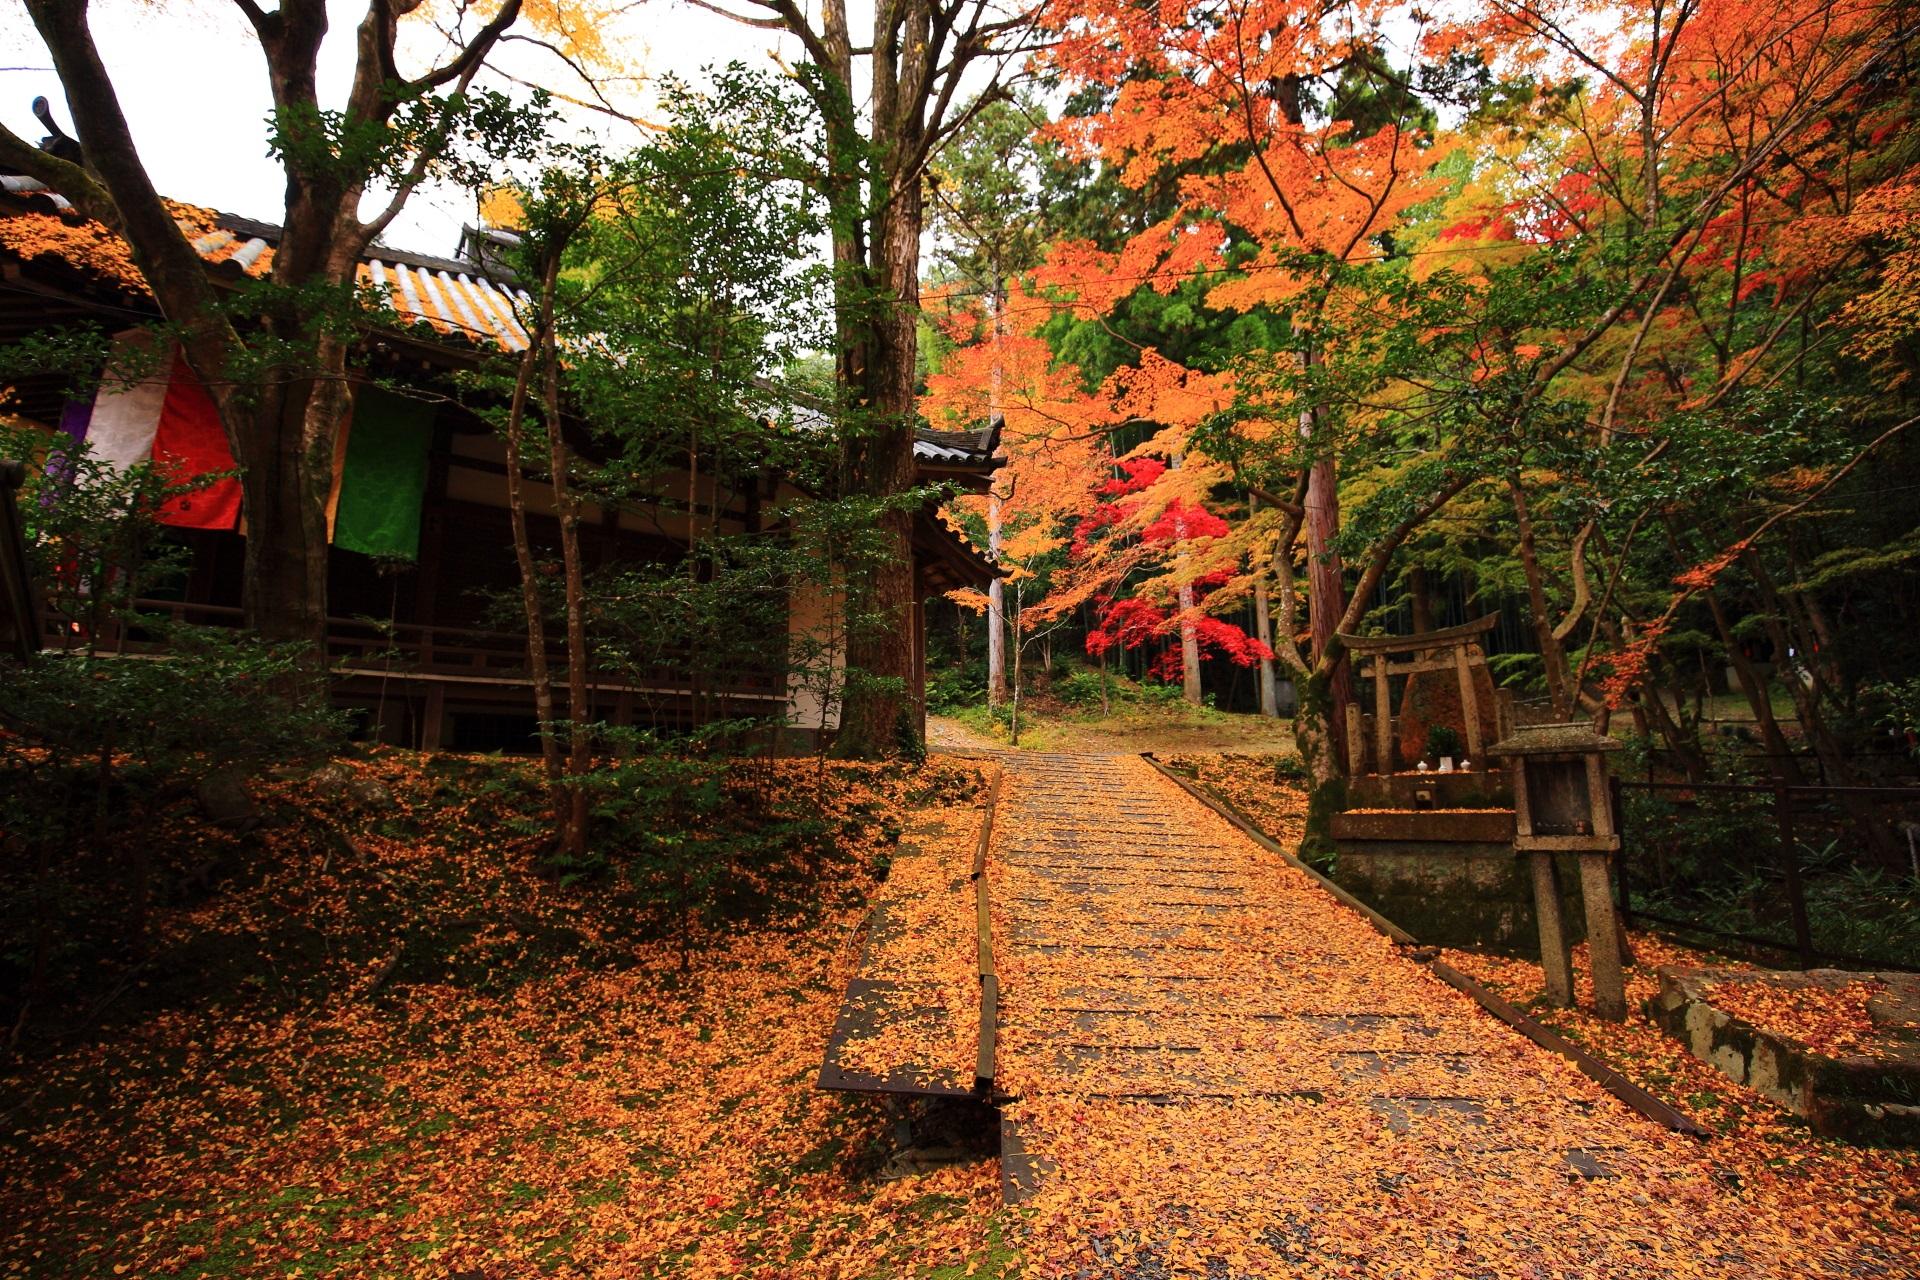 大師堂横の散り銀杏と趣きある秋の彩り